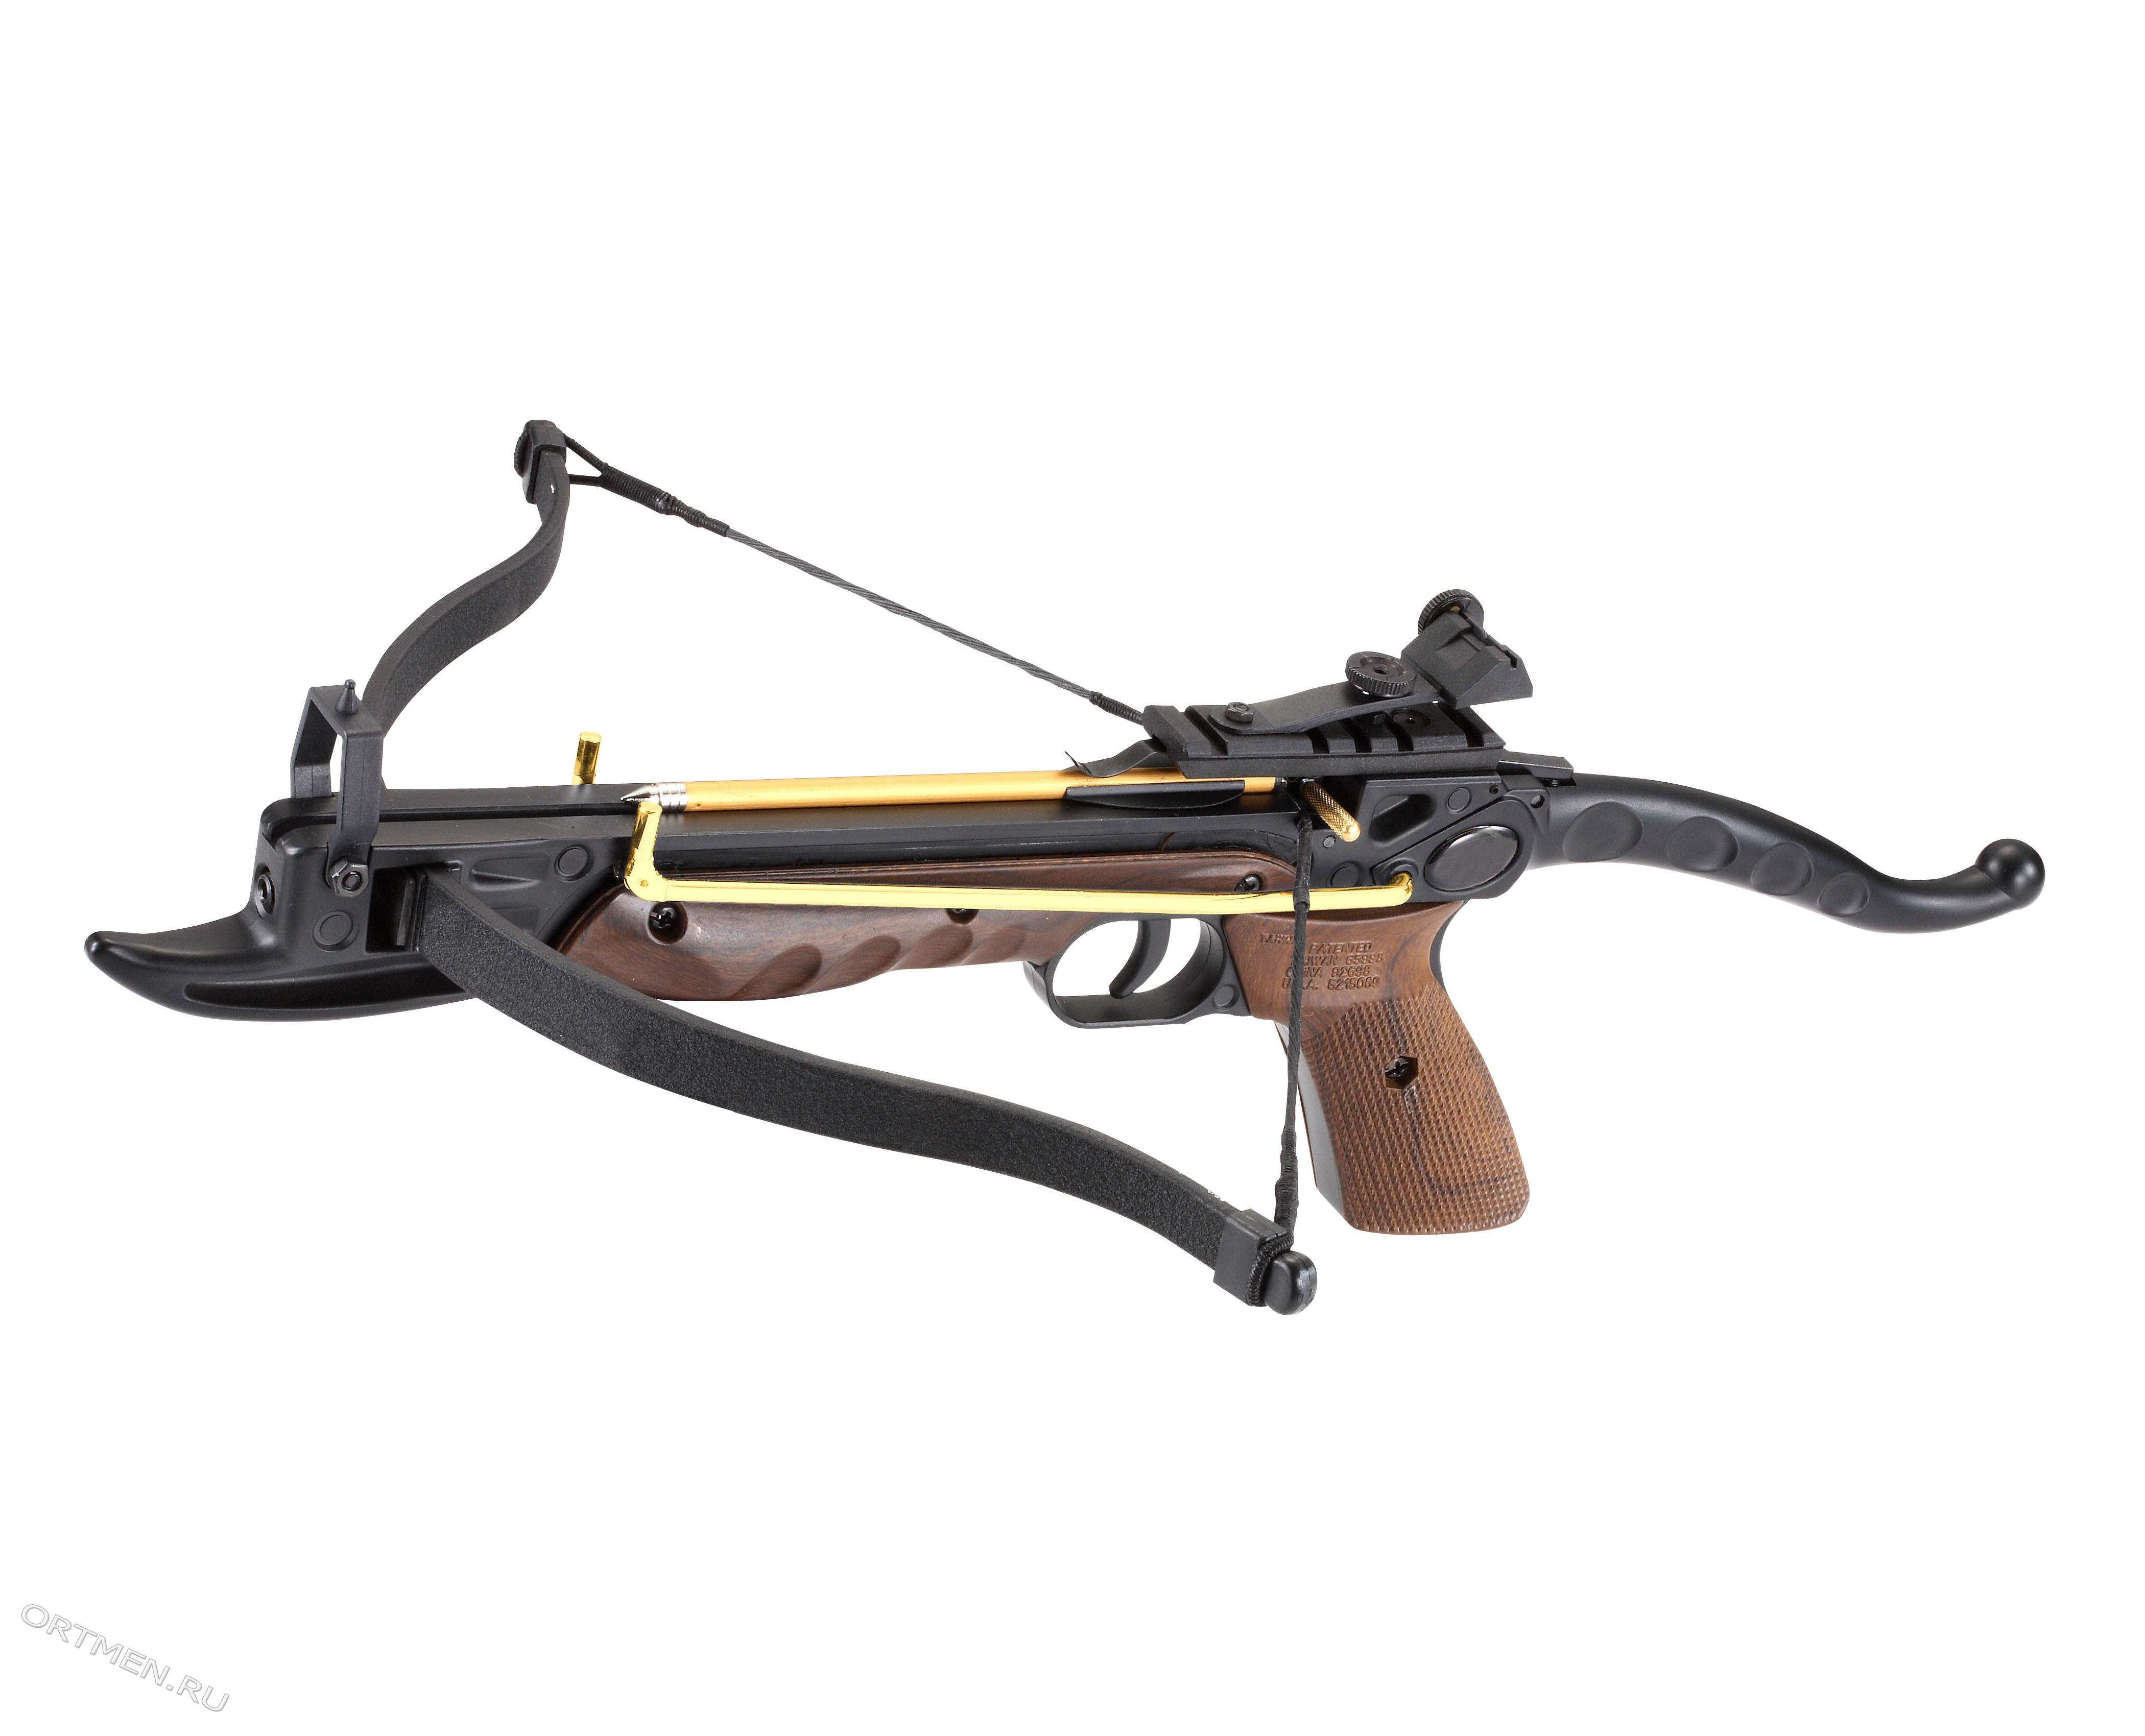 Купить Арбалет-пистолет Скаут с доставкой по всей России - ortmen.ru